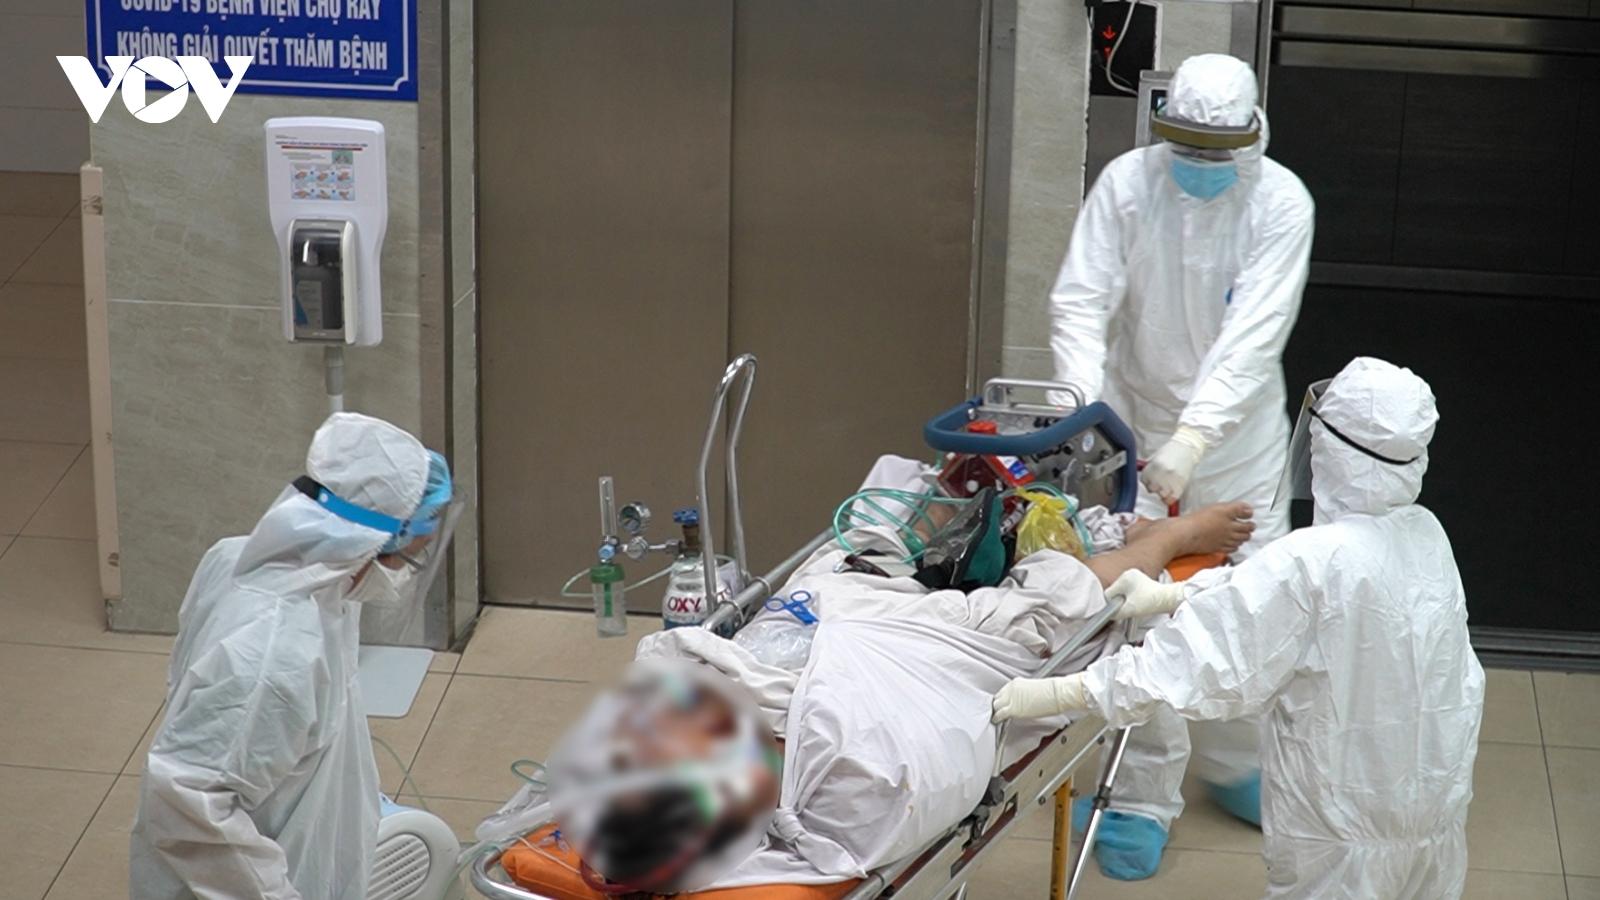 TP.HCM chuyển đổi công năng bệnh viện, chuẩn bị 900 giường điều trị bệnh nhân Covid-19